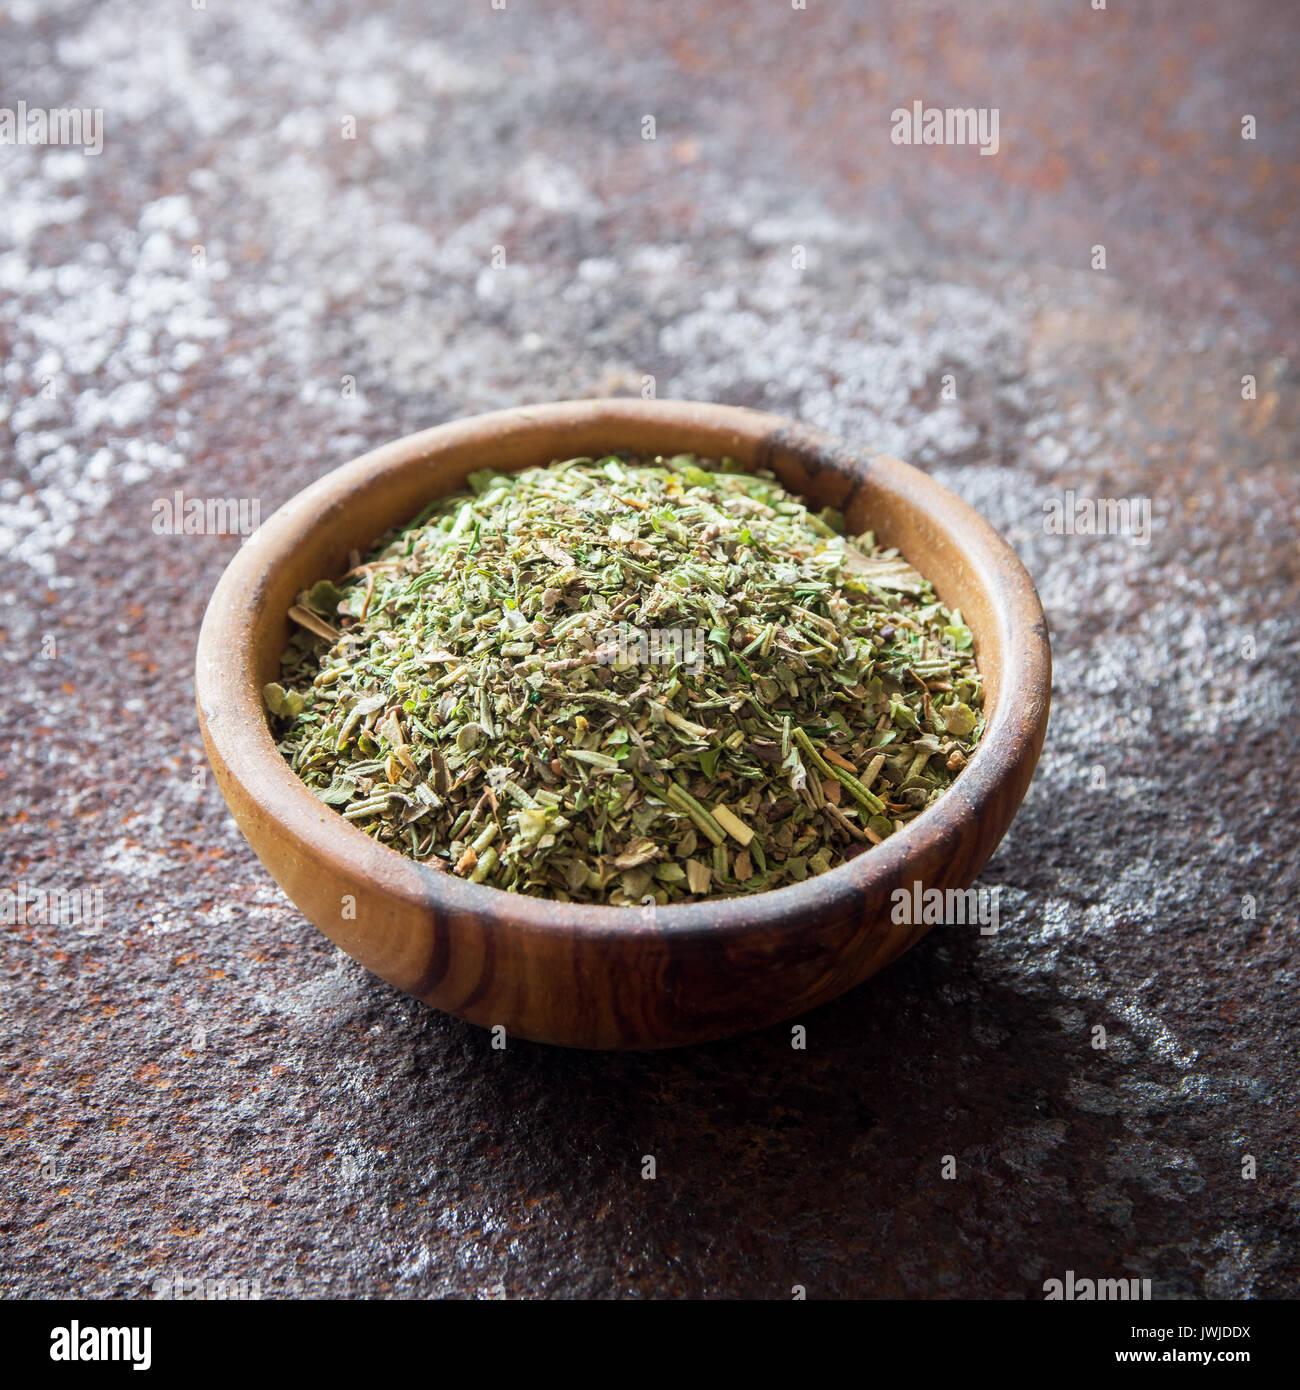 Fines herbes italiennes mixte rustique sur fond de métal, copie de l'espace. Fines herbes séchées, sain ingrédient pour la cuisine. Photo Stock